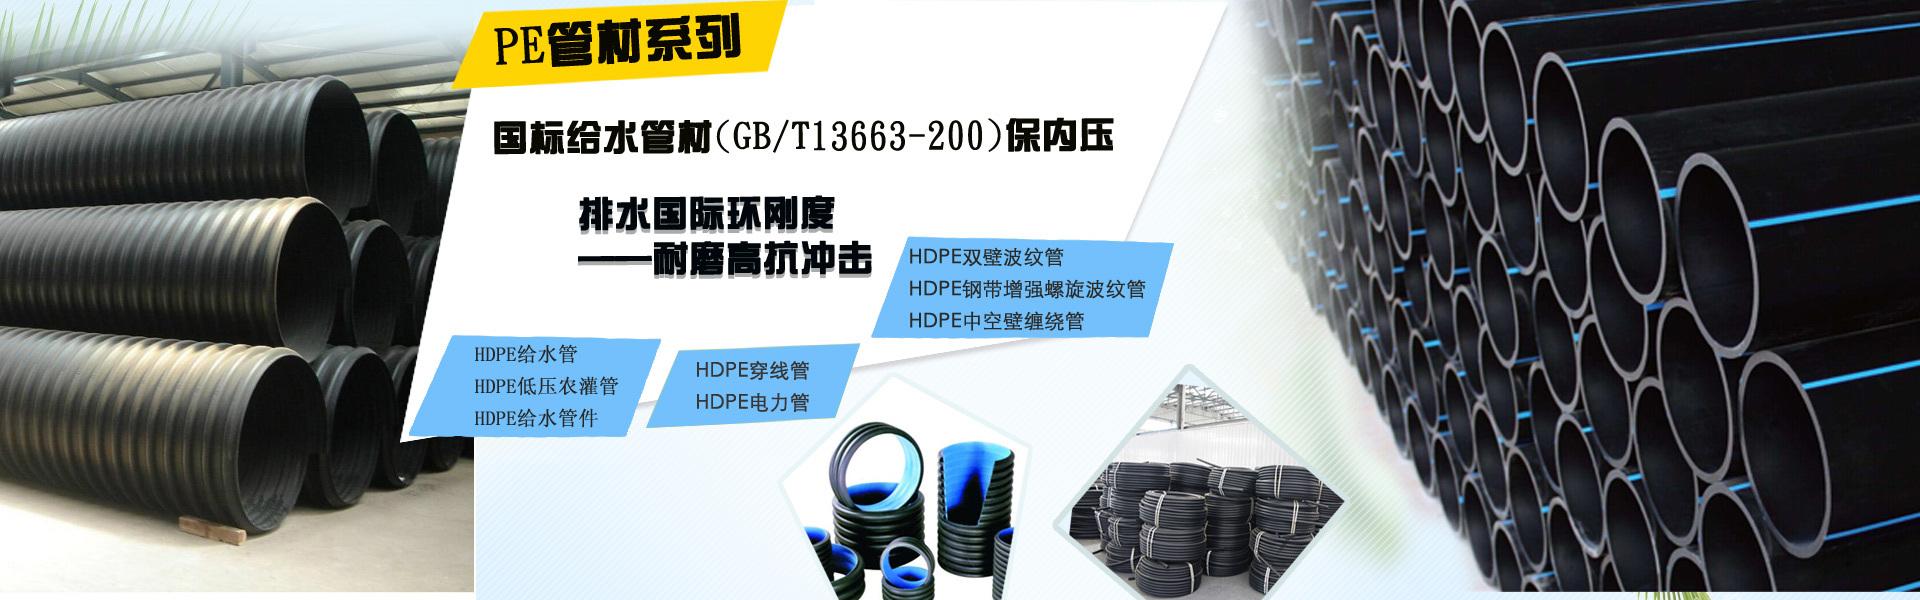 PE管材管件系列